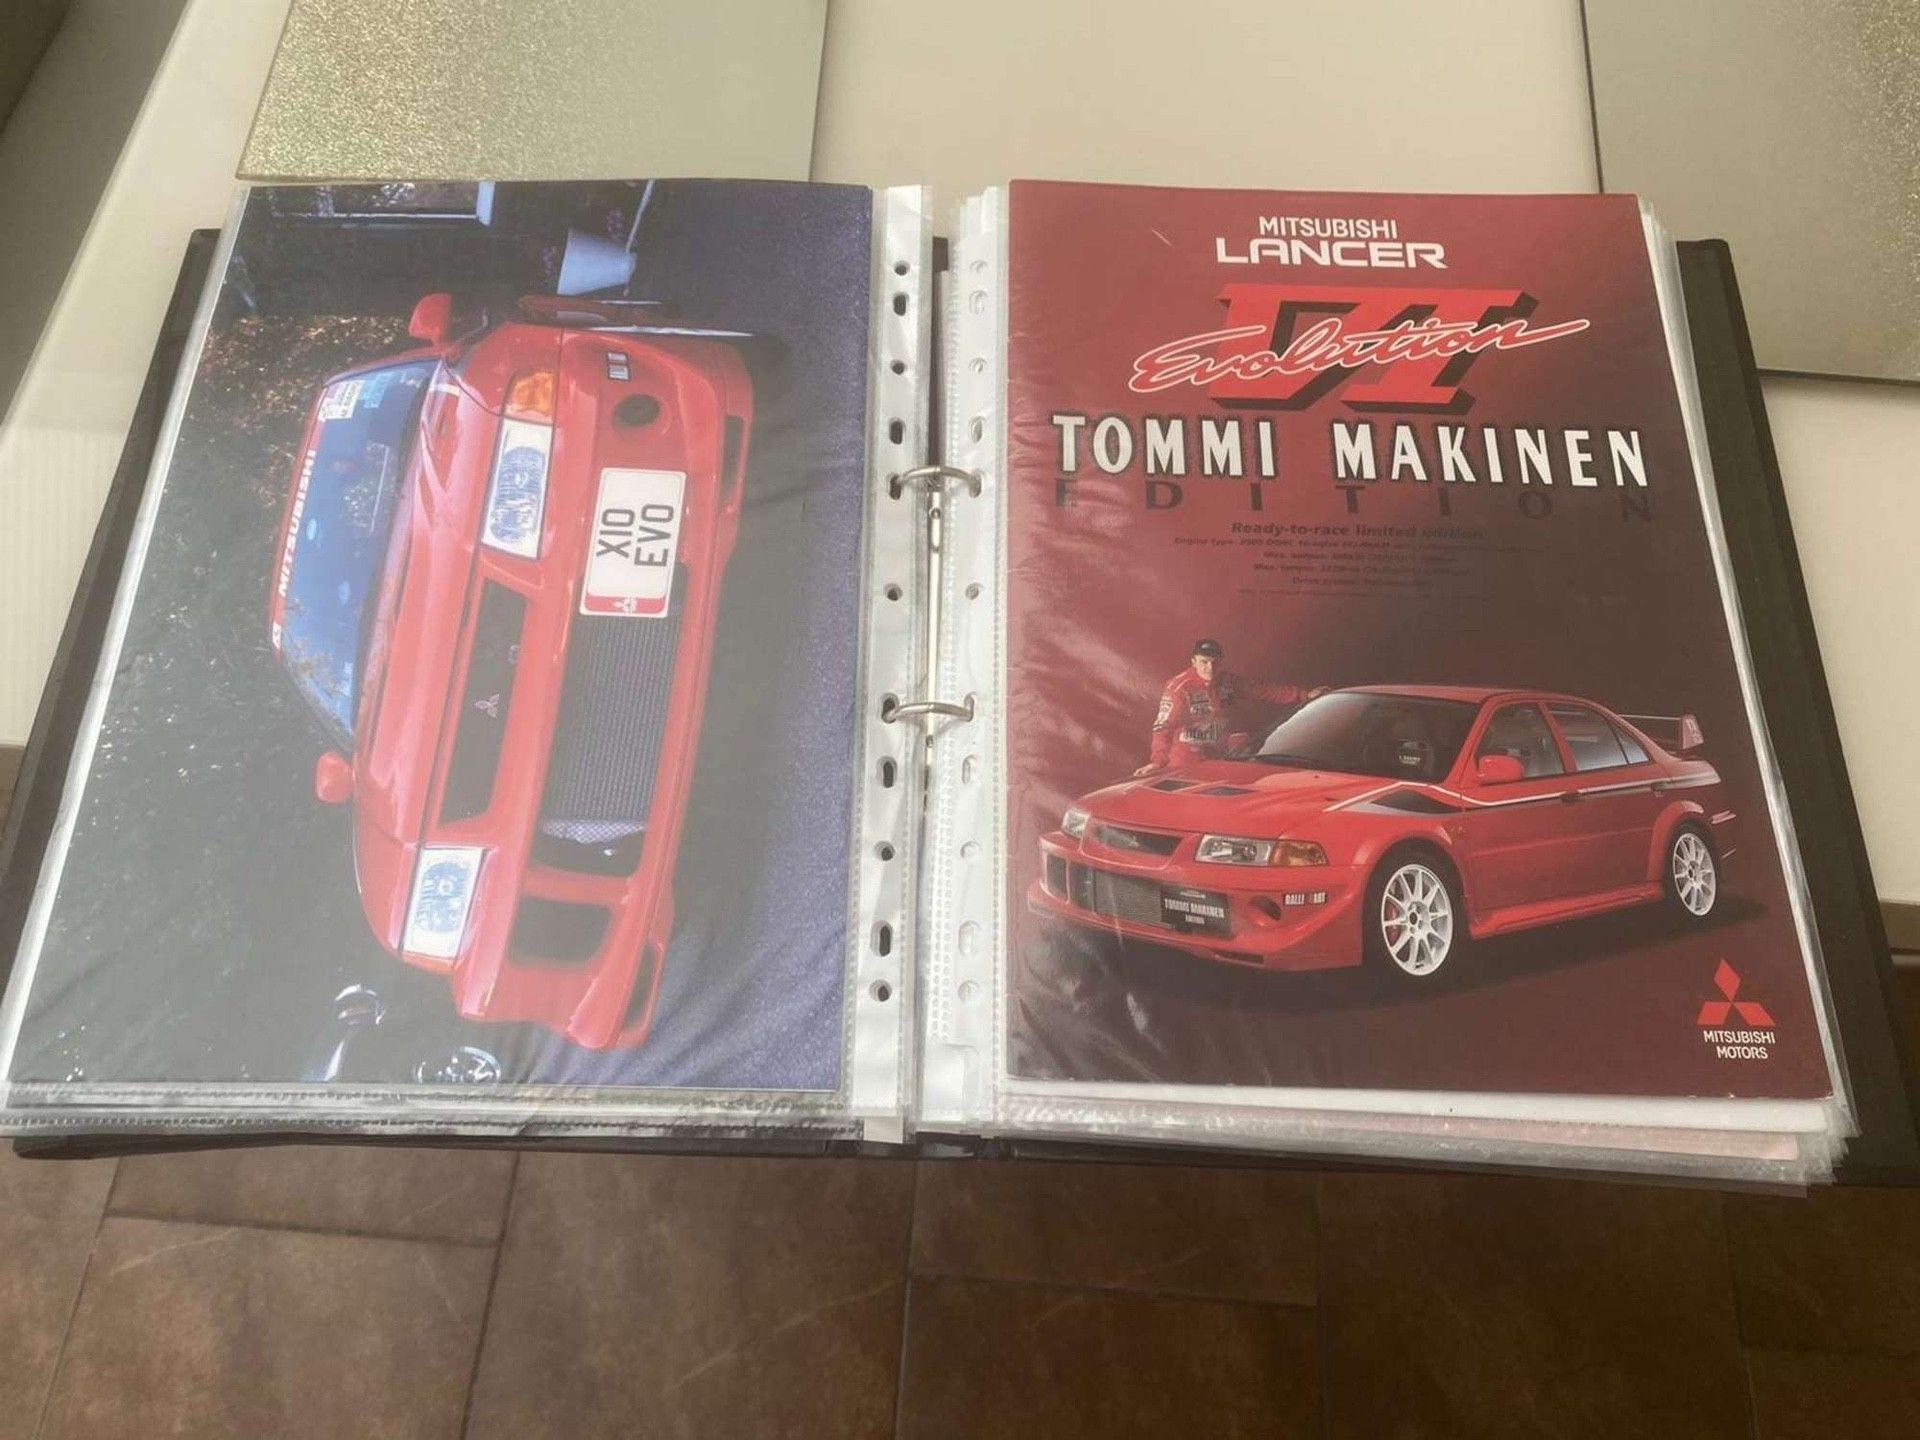 2000_Mitsubishi_Lancer_Evolution_VI_Tommi_Makinen_Edition_sale-0045